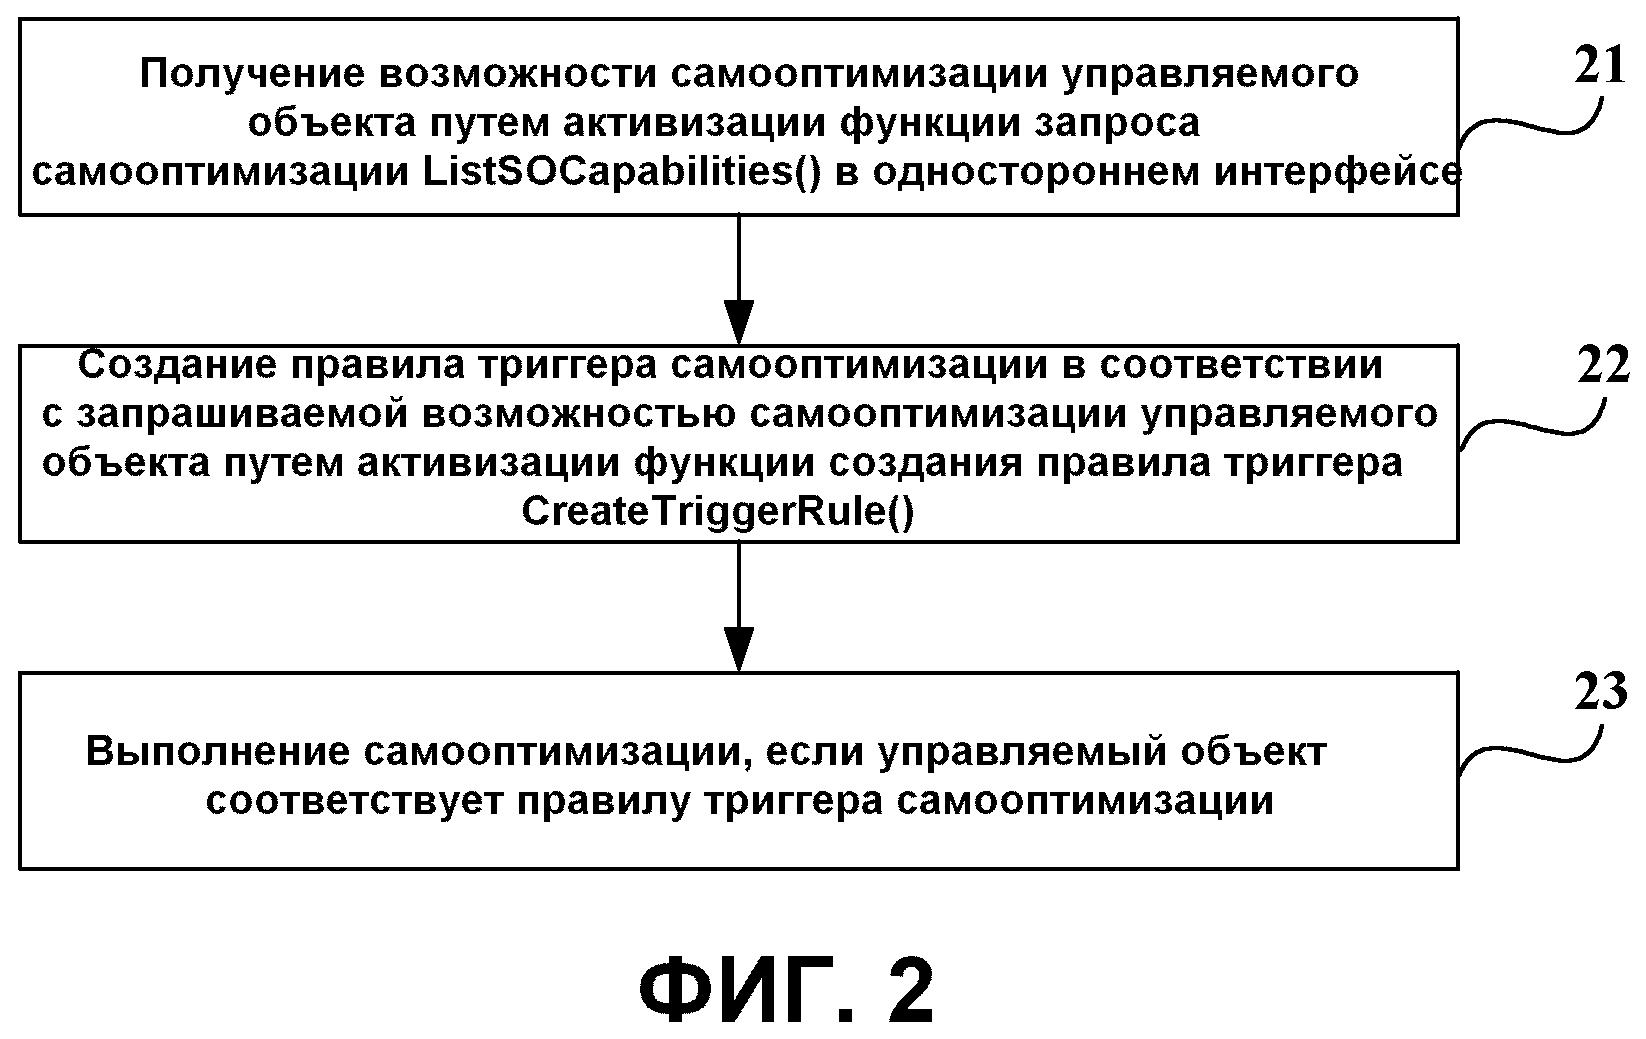 Устройство управляемого объекта, способ и система самооптимизации